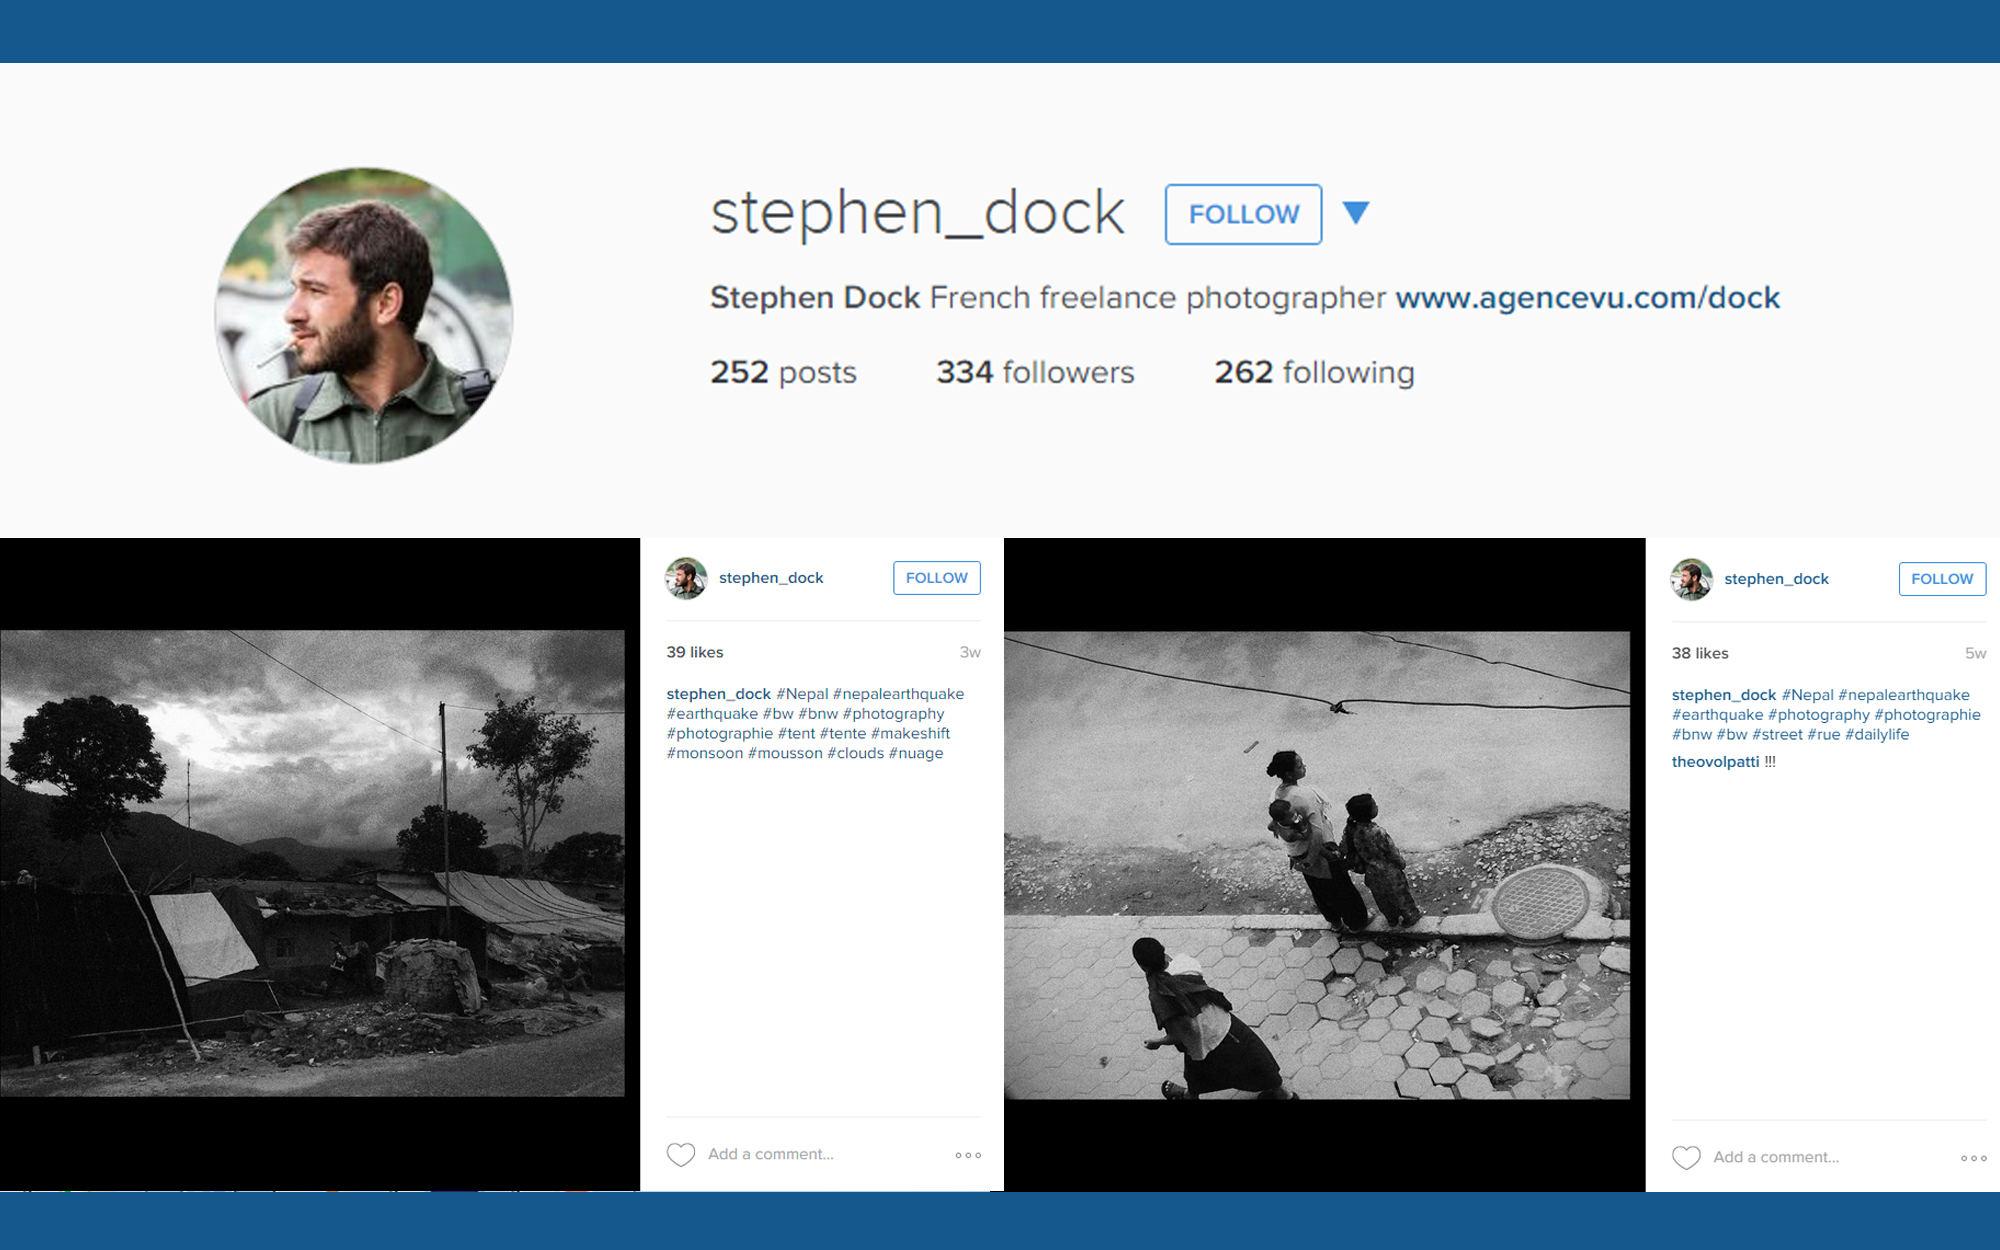 Instagram account illustration for Stephen Dock